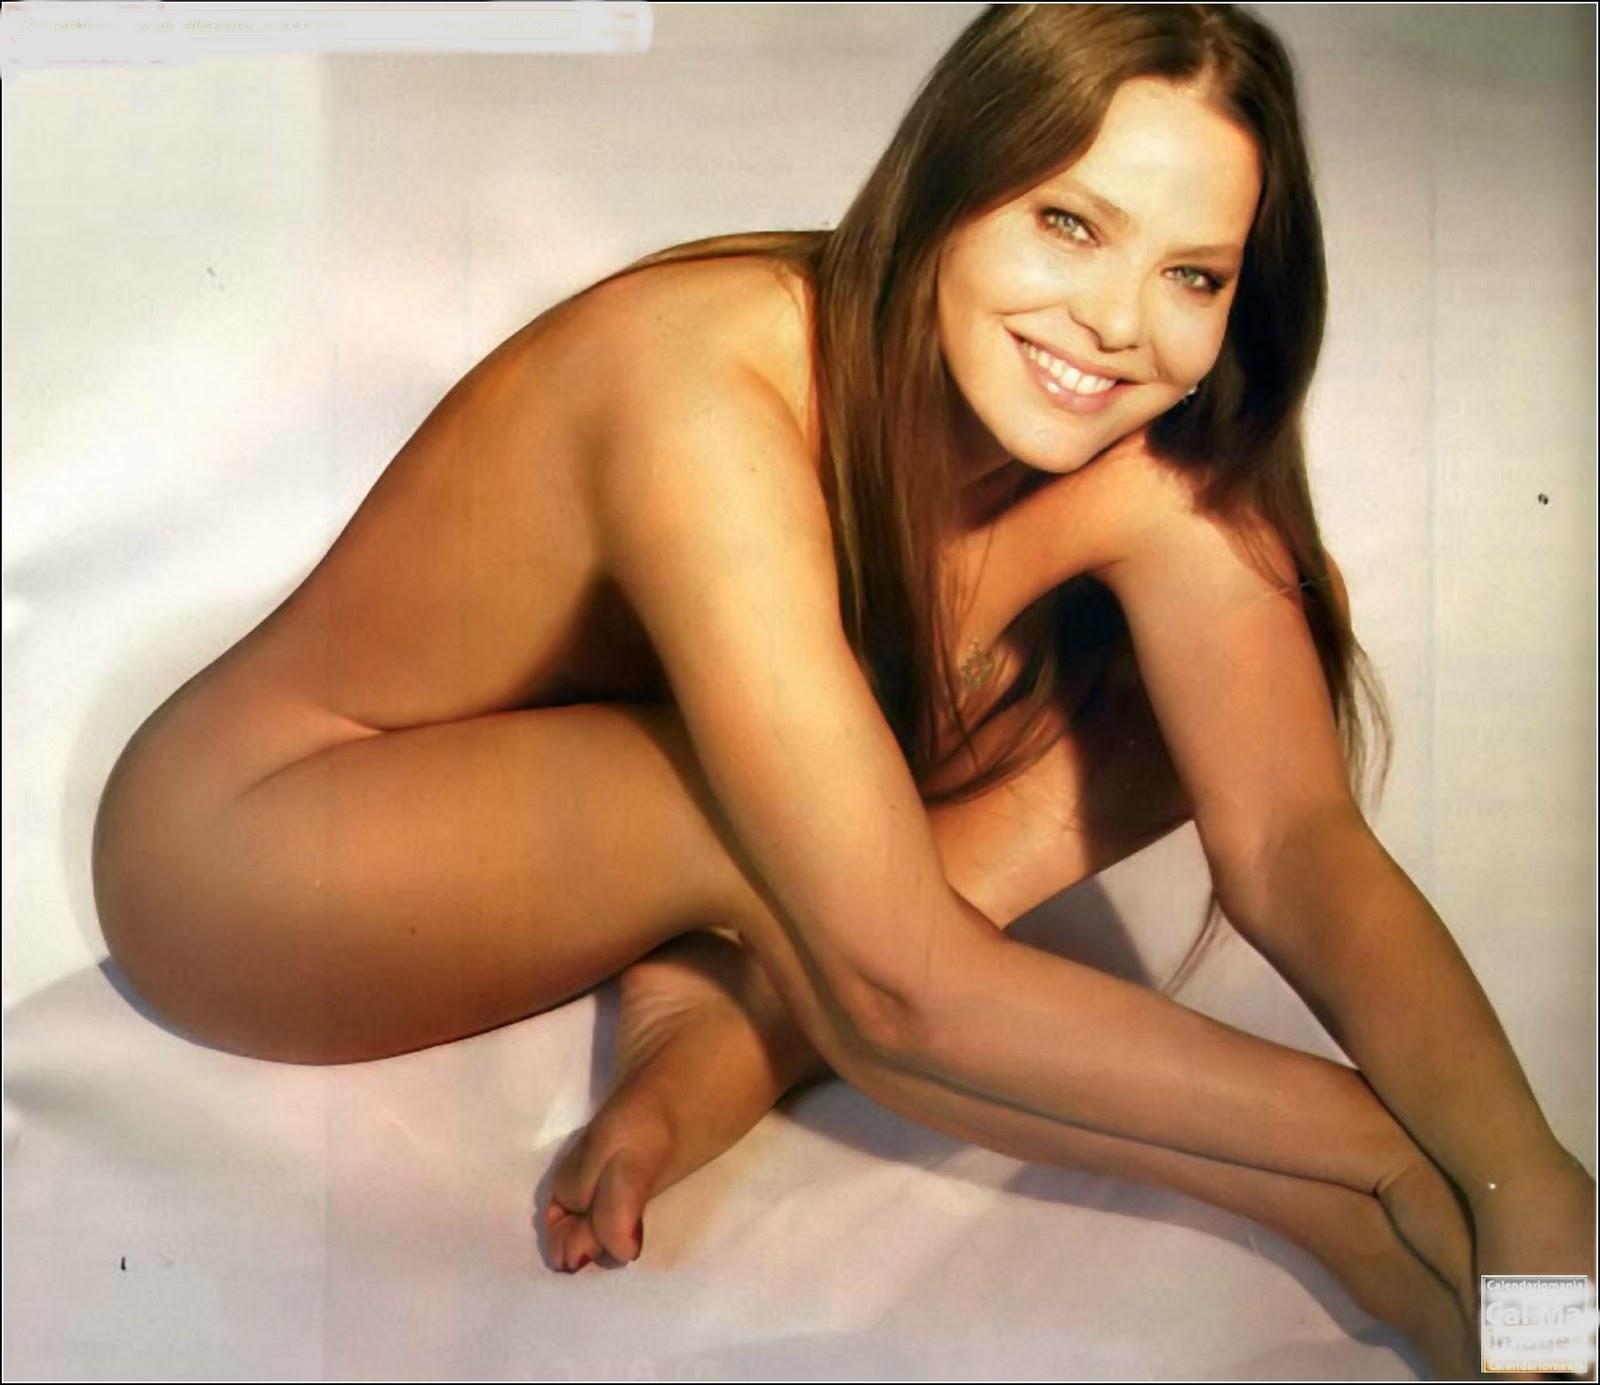 http://2.bp.blogspot.com/_NwPRCjb5vuE/TSzWYx9Xp3I/AAAAAAAAAhs/oCIiURRG7Co/s1600/Ornella-Muti-Feet-59295.jpg